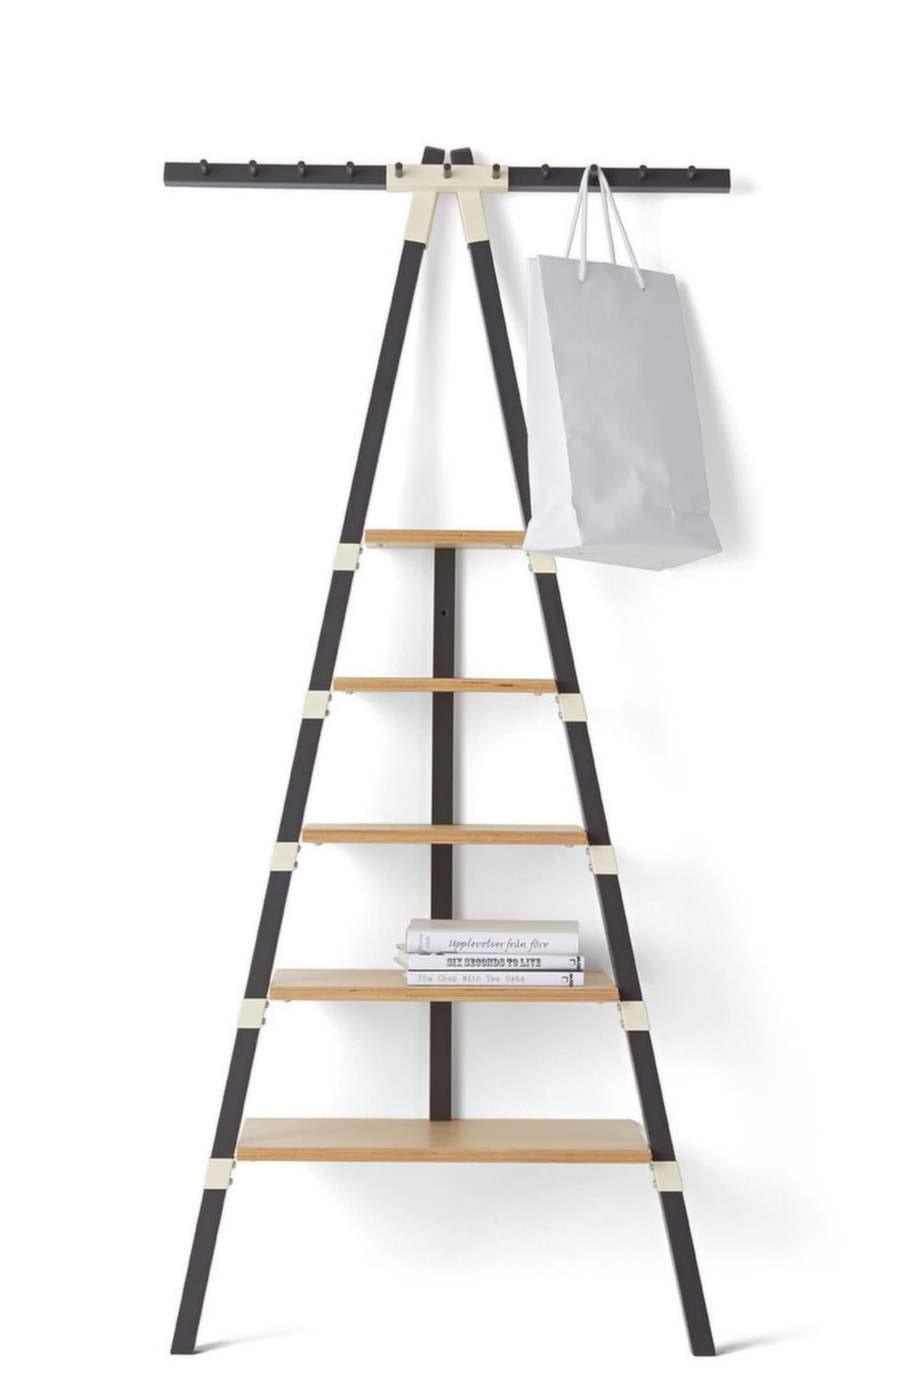 En hylla som inte kräver några borrhål, man lutar den bara mot väggen. Från Ikea PS 2014. Designad av Keiji Ashizawa, 499 kronor, Ikea.